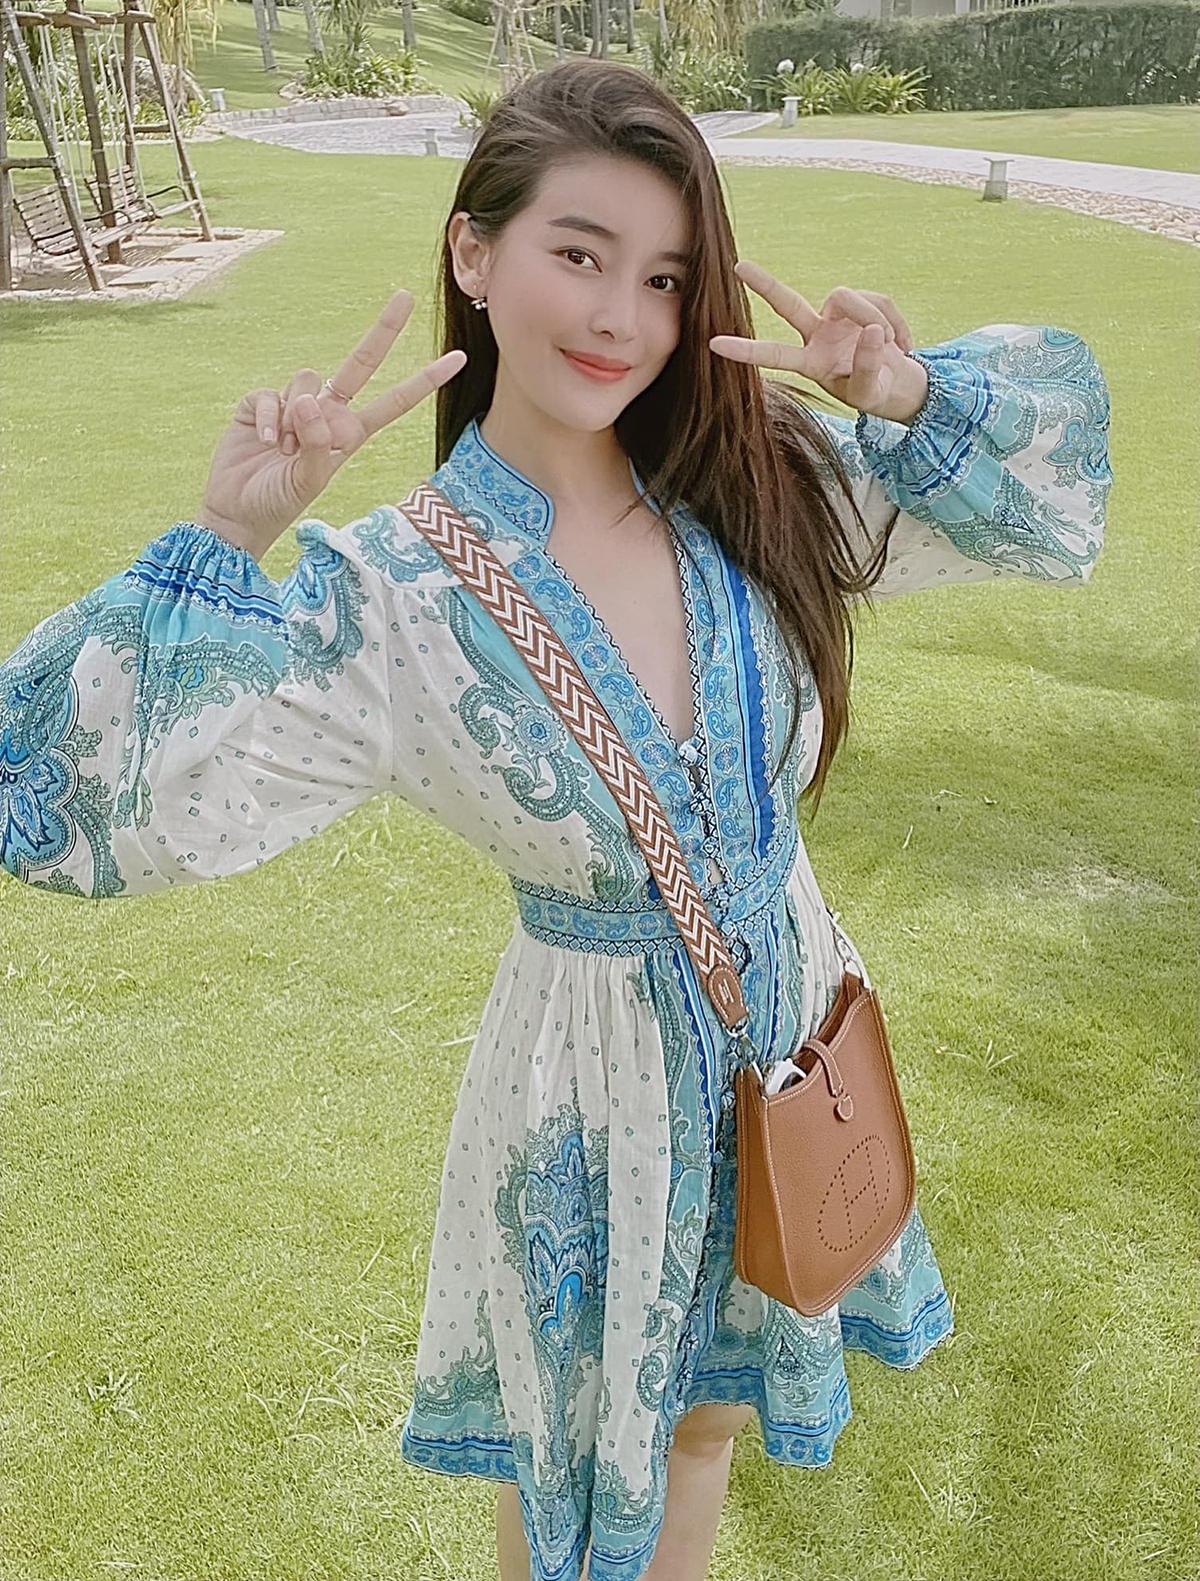 Là quý cô 30 nhưng khi ra phố, Cao Thái hà có phong cách trẻ trung chẳng khác gì thiếu nữ. Trong những bức hình street style, nữ diễn viên được khen vì nhan sắc rạng rỡ, gu ăn mặc không cầu kỳ nhưng rất hack tuổi.